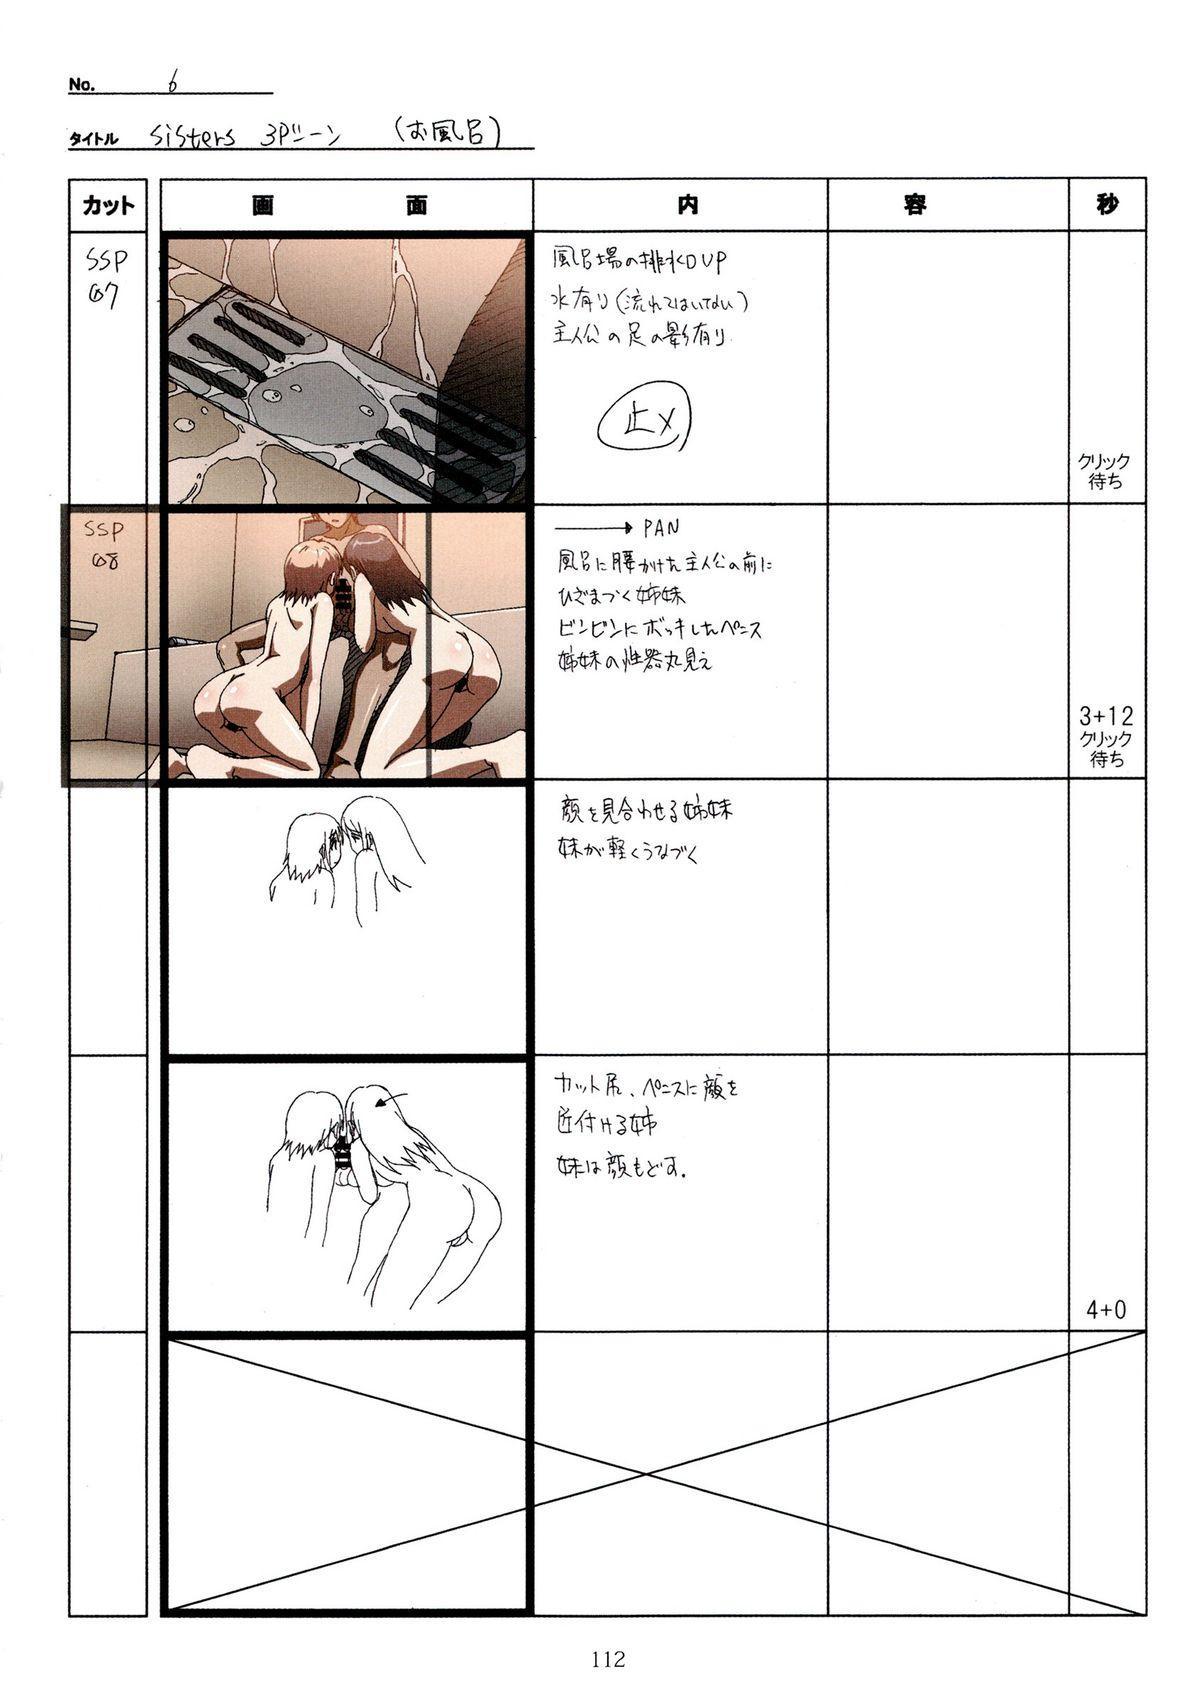 (C89) [Makino Jimusho (Taki Minashika)] SISTERS -Natsu no Saigo no Hi- H Scene All Part Storyboard (SISTERS -Natsu no Saigo no Hi-) 111